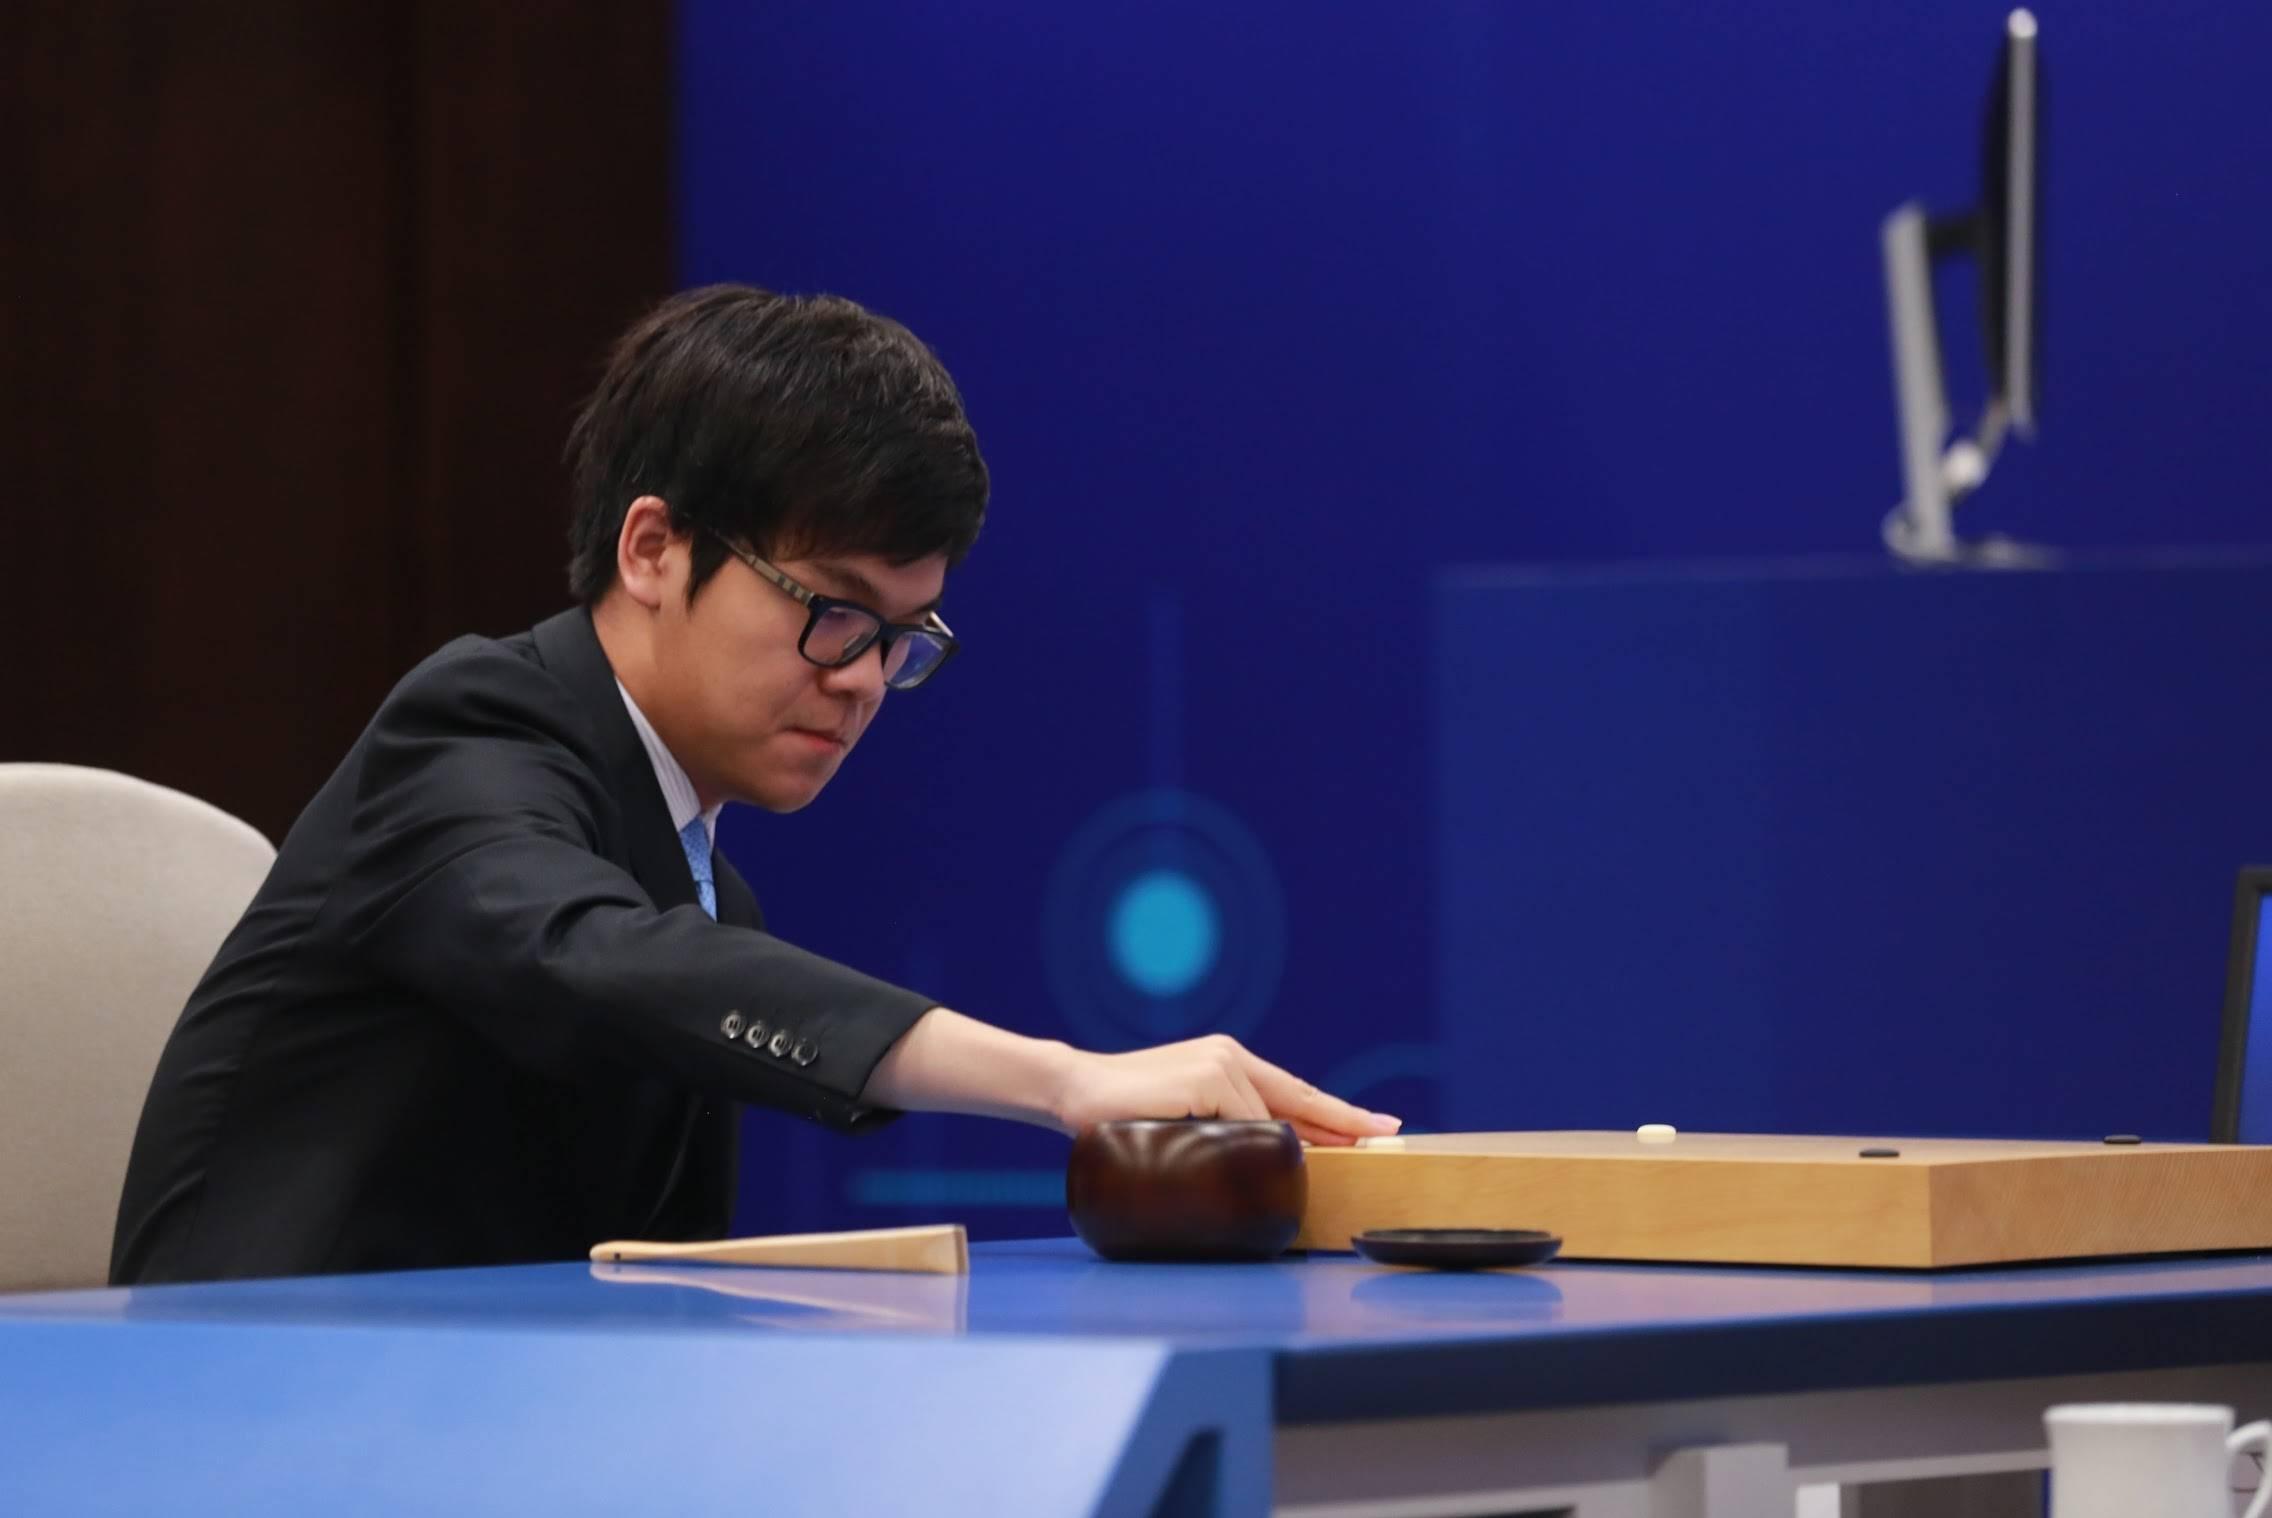 柯洁第二局投子认负,独家专访AlphaGo开发者导师Martin Müller